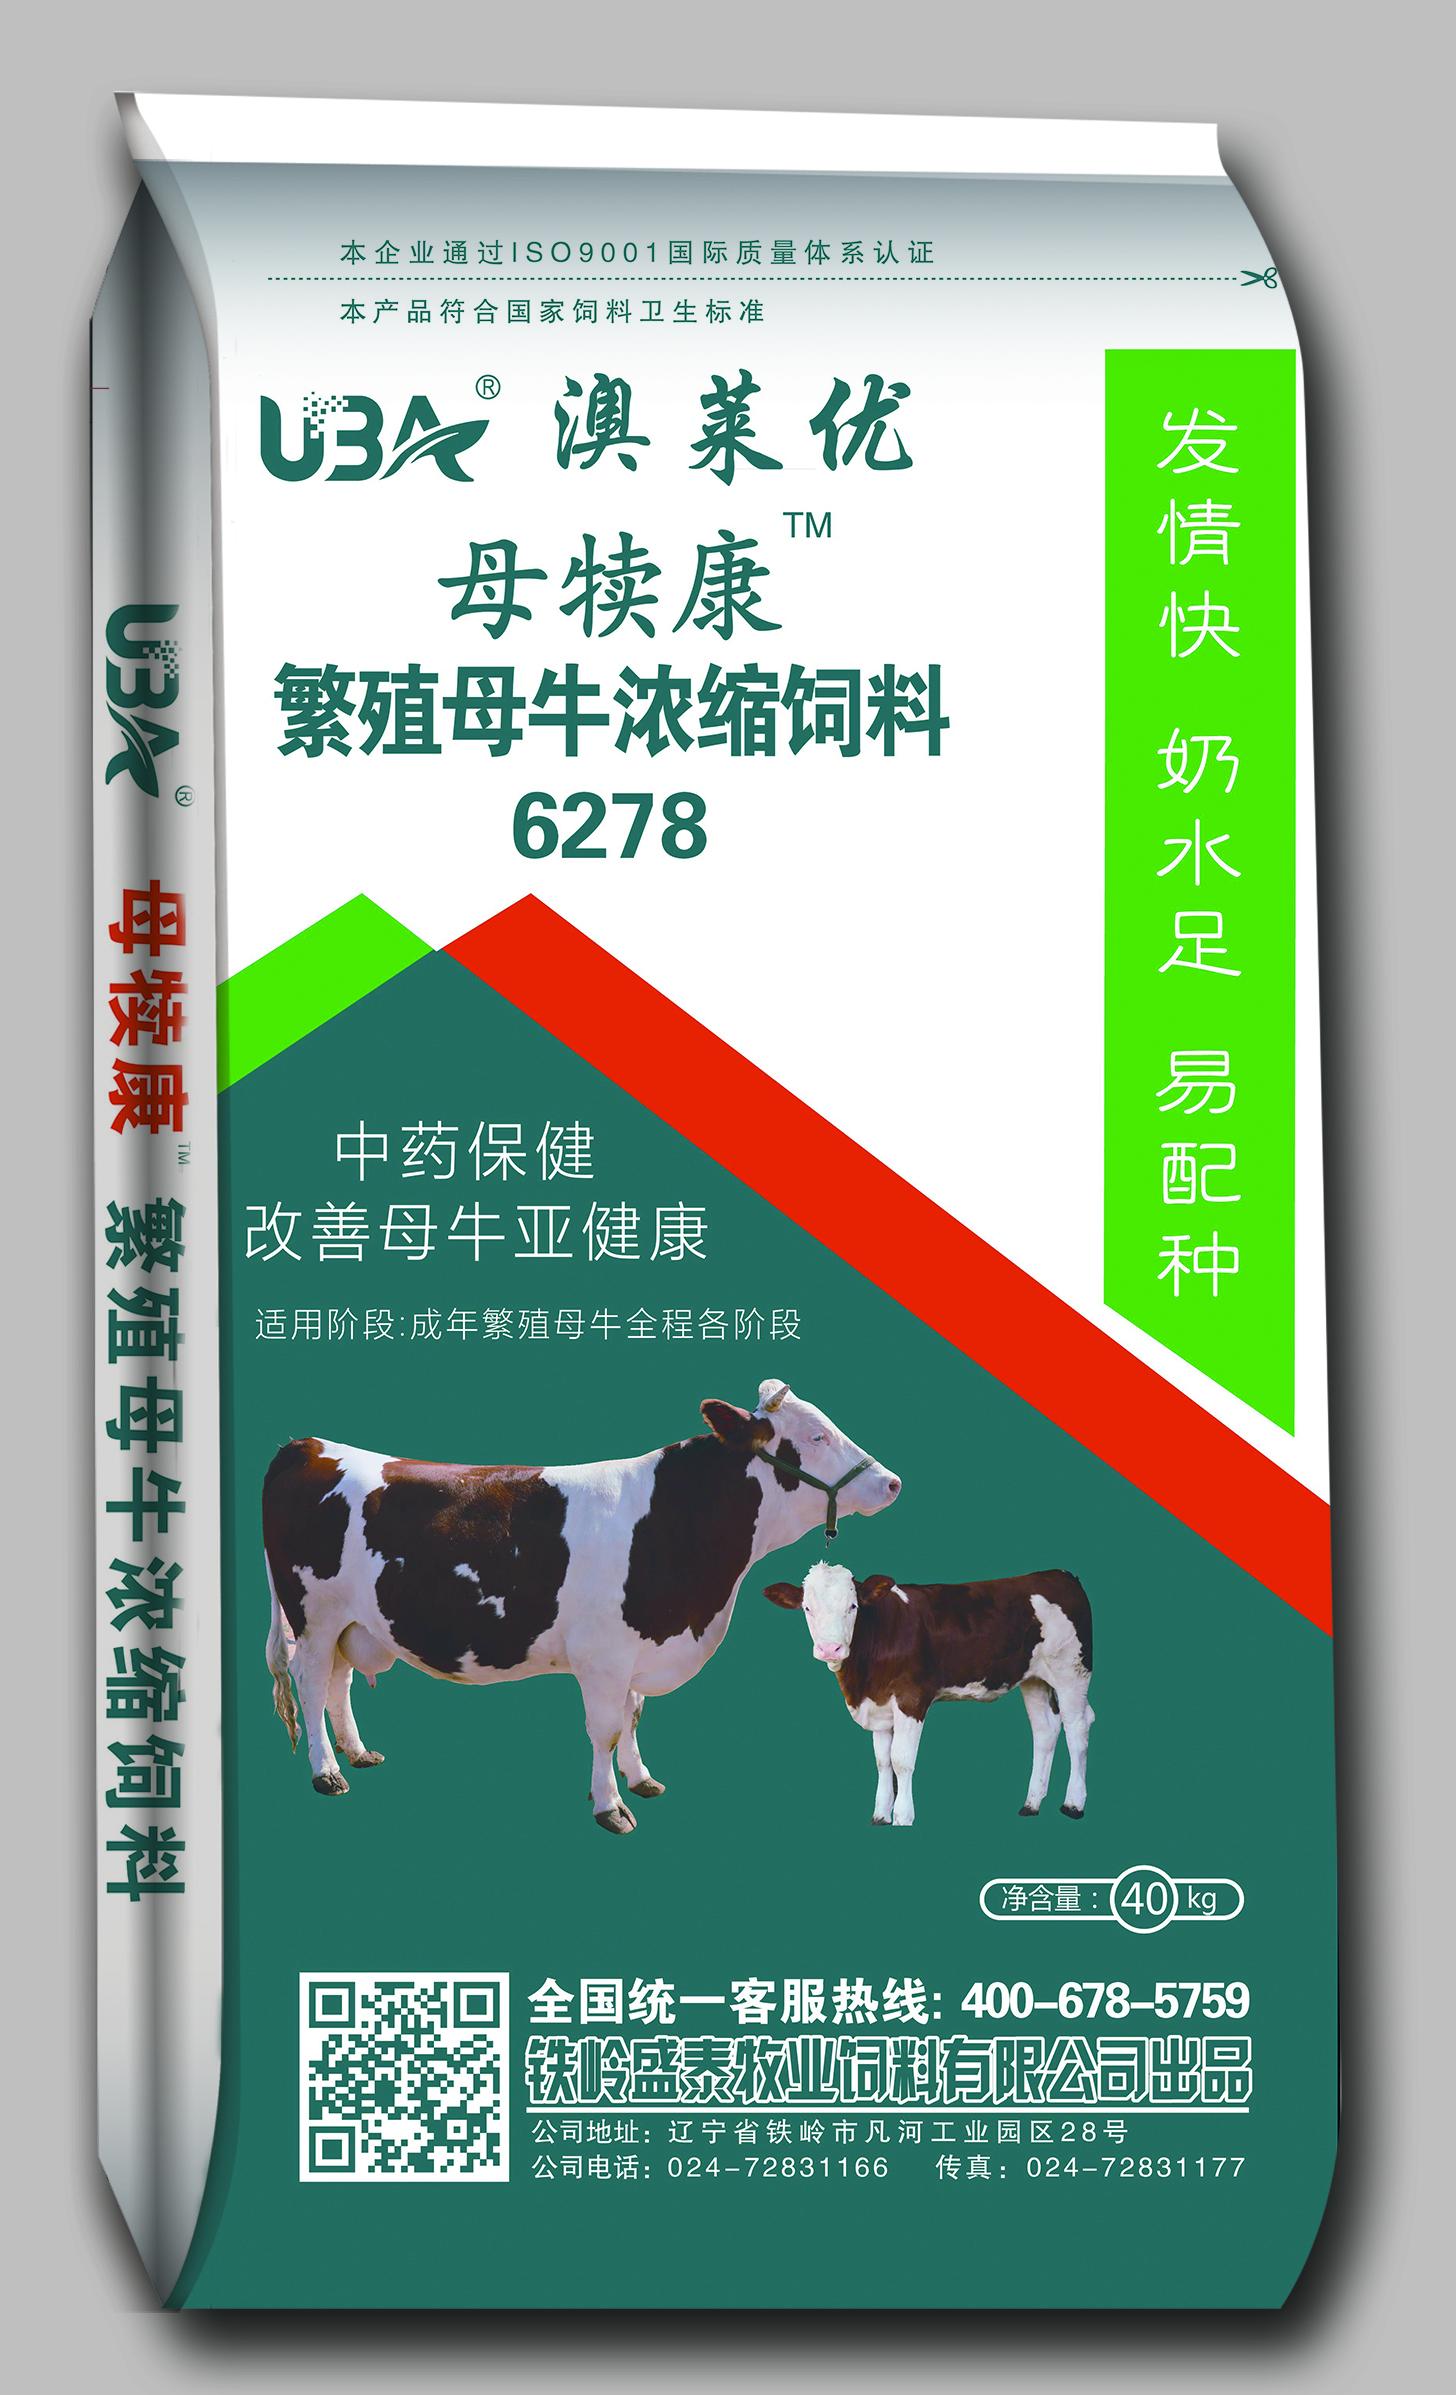 6278 ---繁殖母牛浓缩bob手机版官网登录